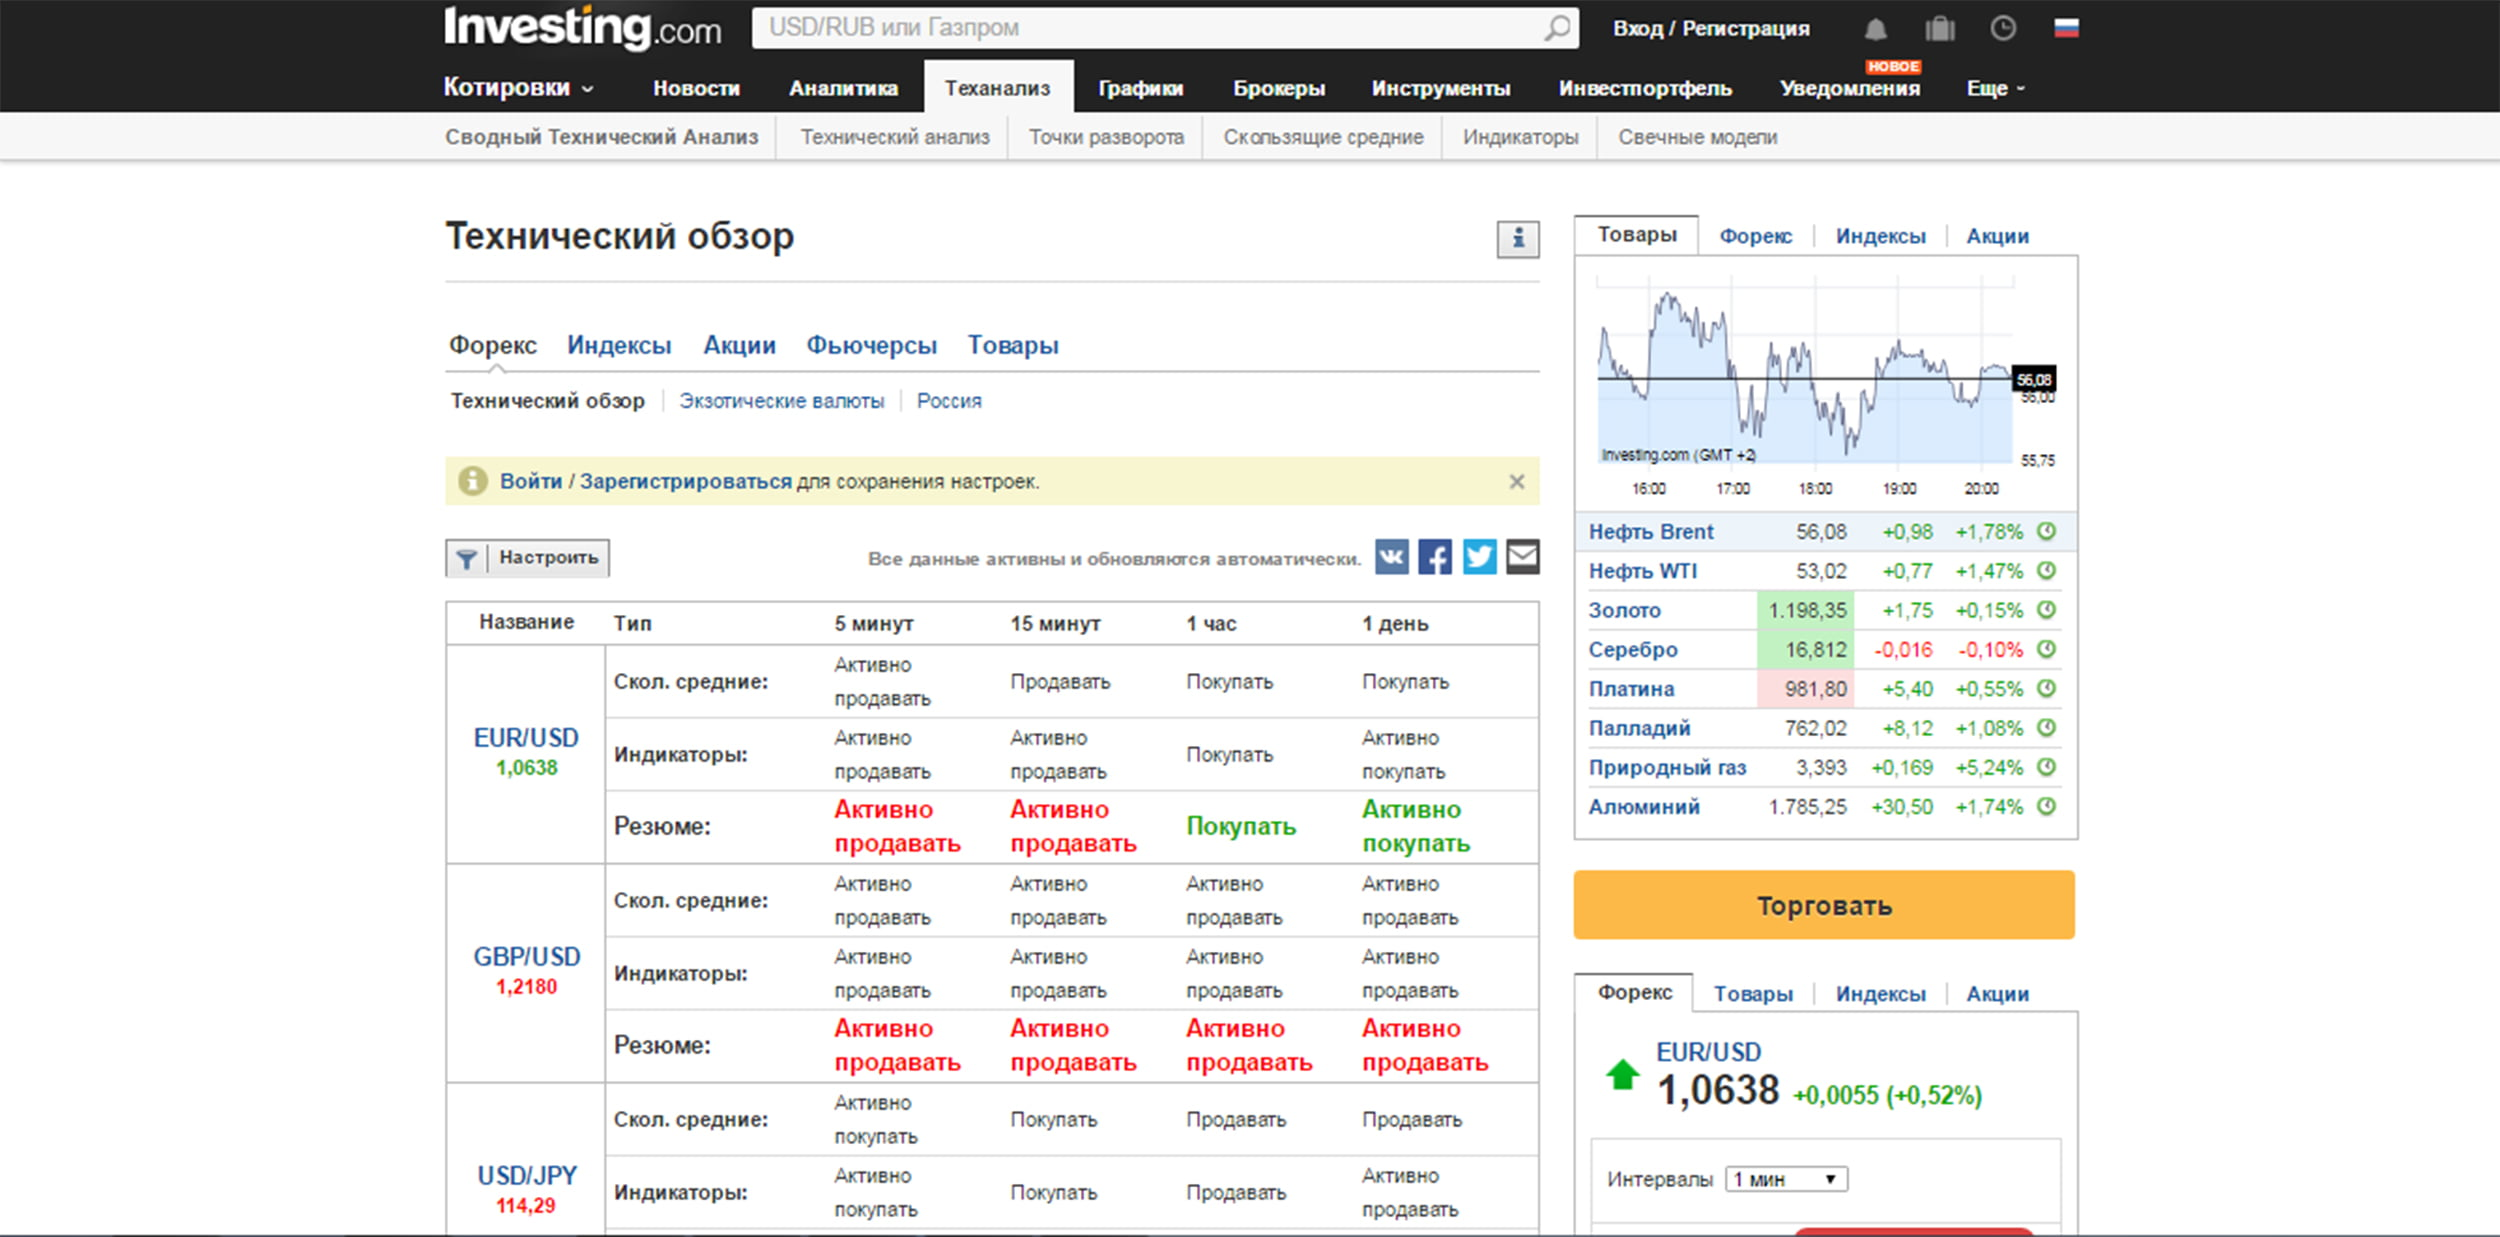 Список сигналов на бинарные опционы мофт - международное объединение форекс трейдеров